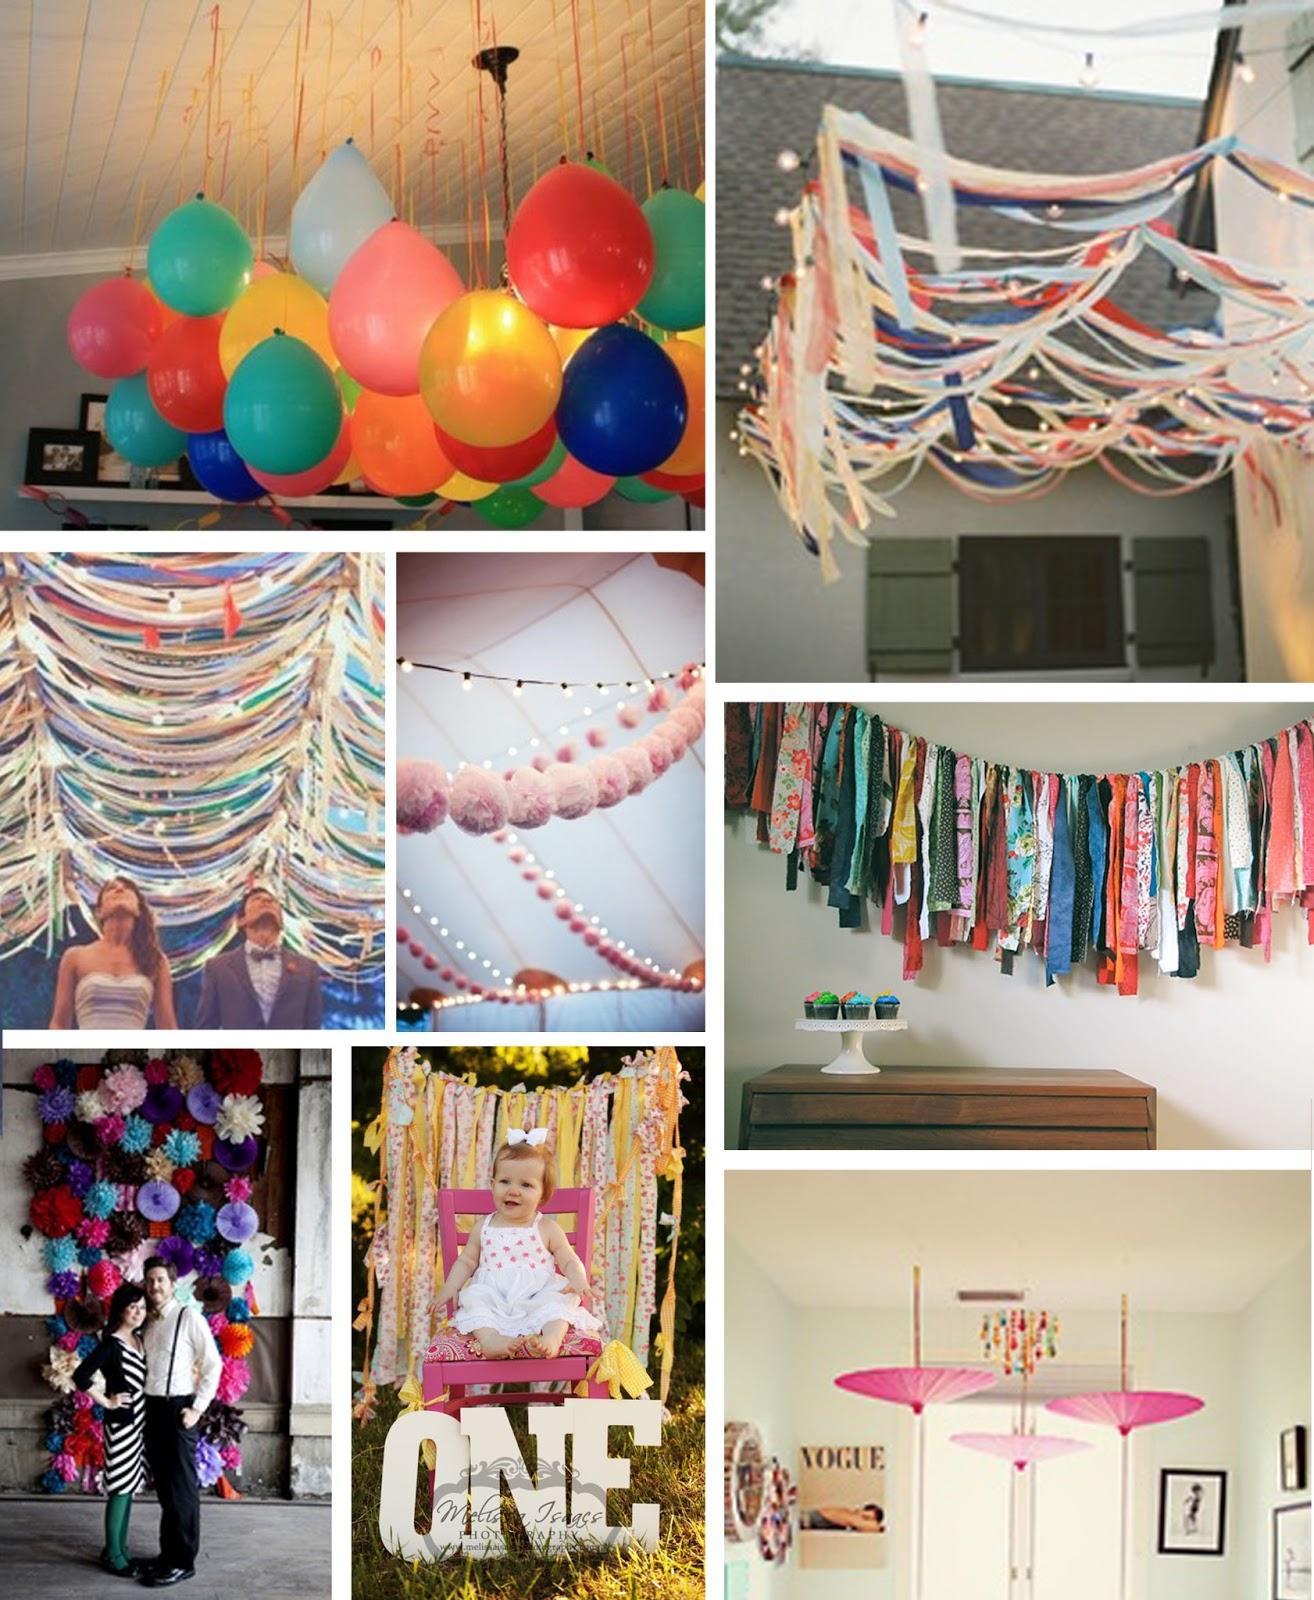 Detalles para una fiesta infantil paperblog for Detalles de decoracion